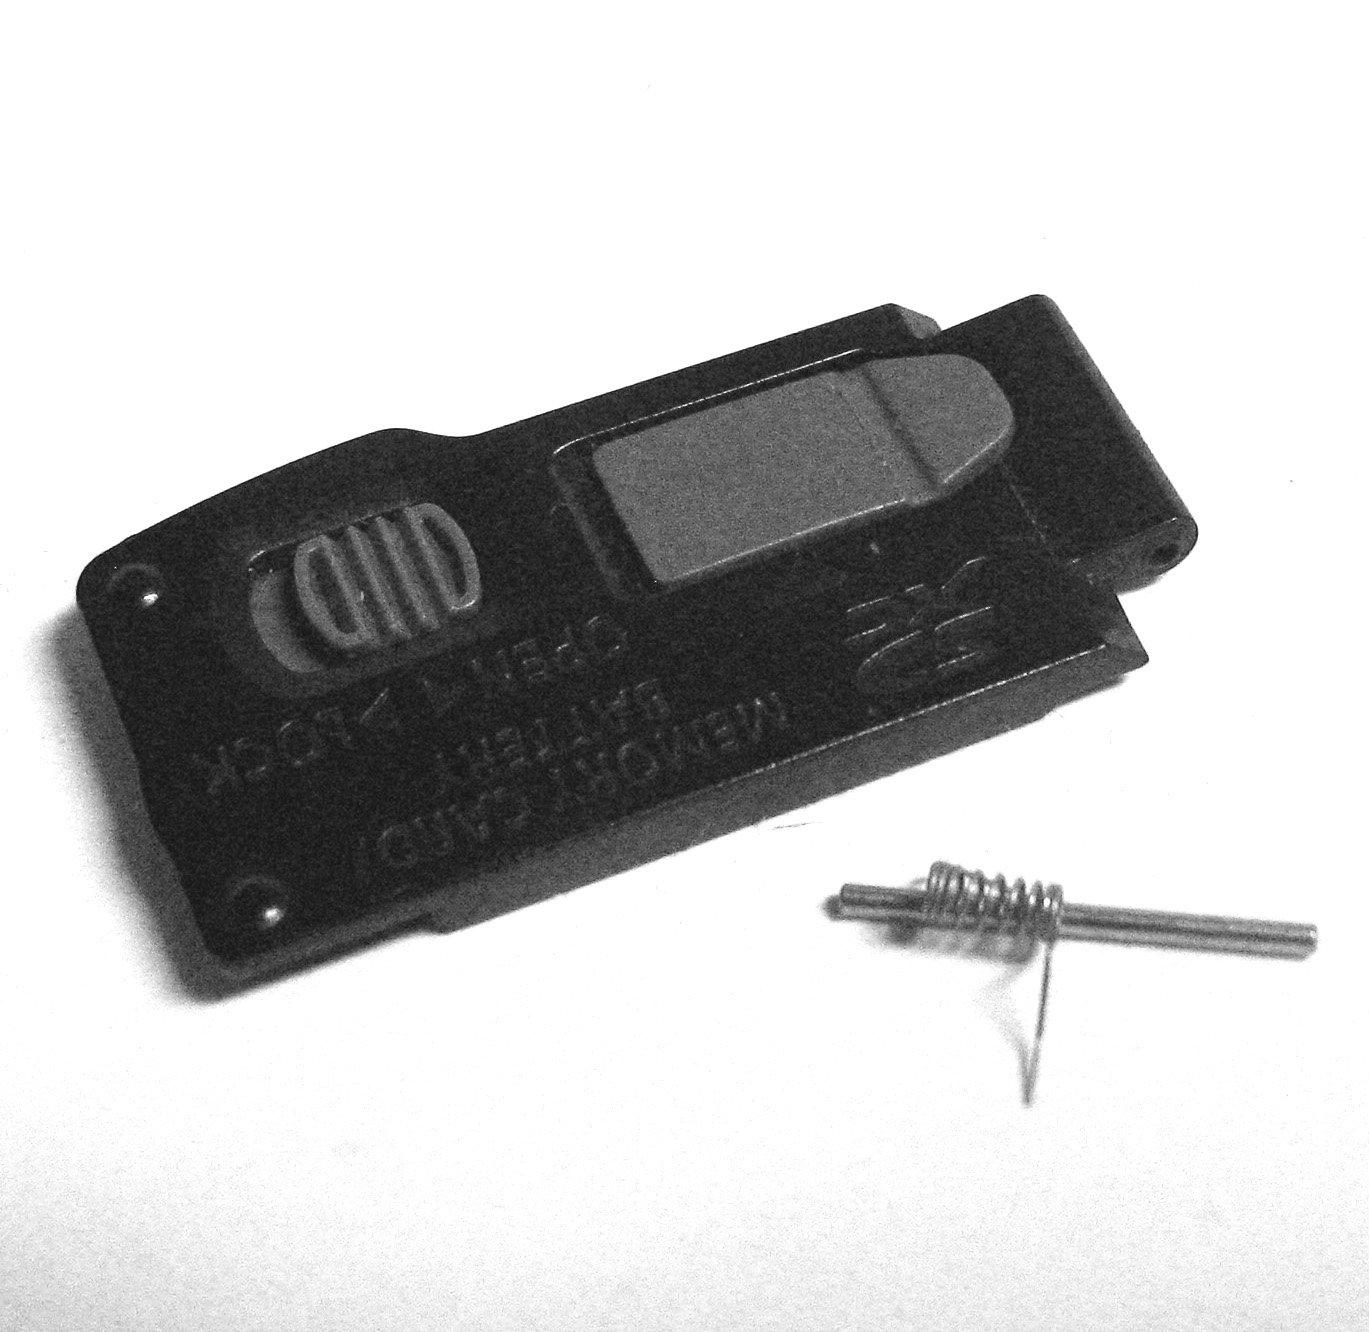 Panasonic Lumix DMC-ZS19 Battery Door Cover - Replacement Parts